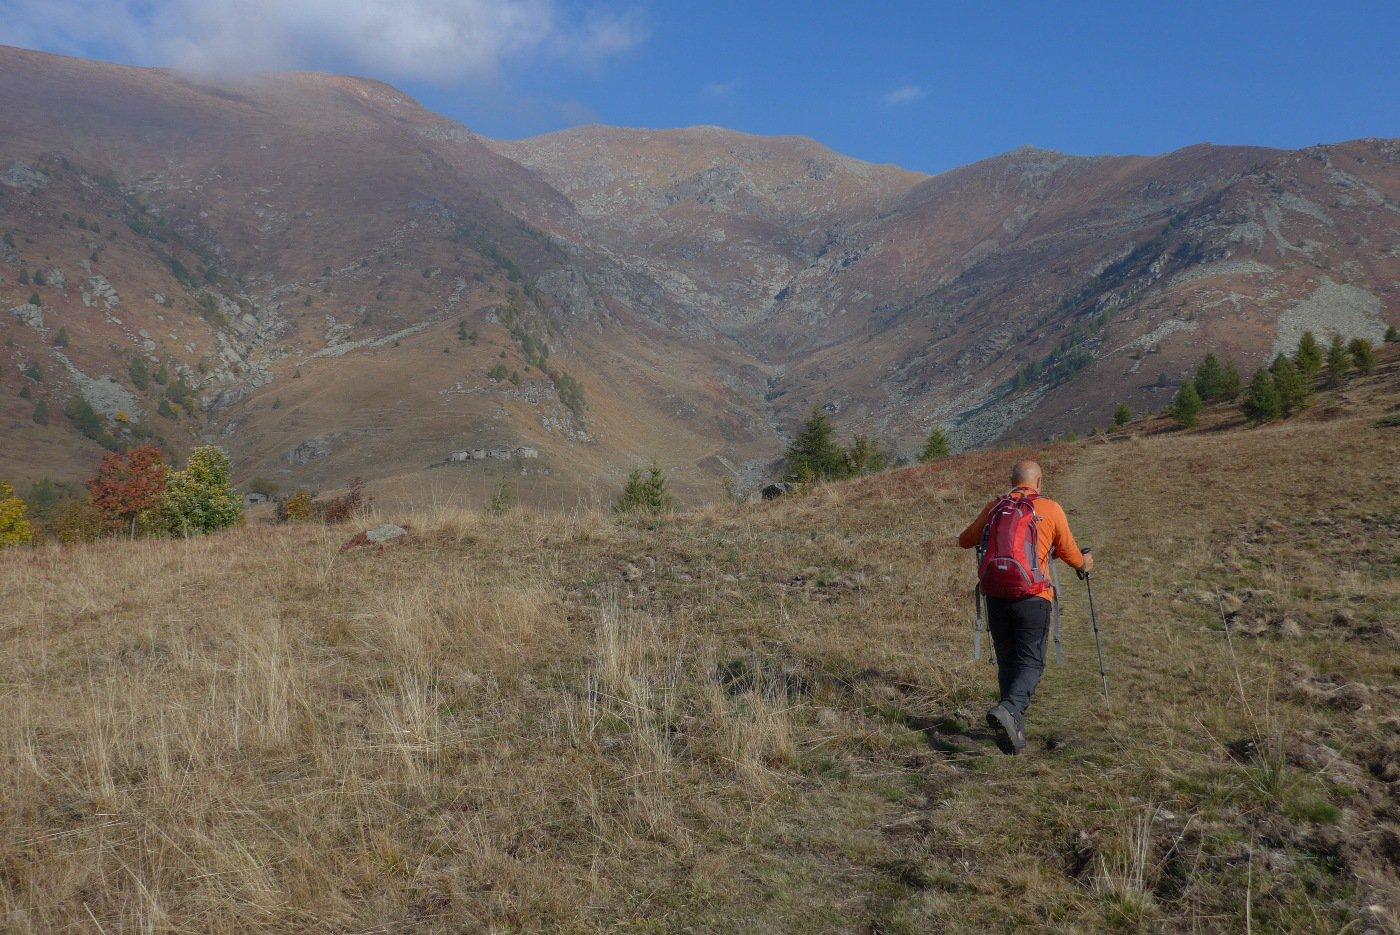 Sul sentiero, poco prima della deviazione a destra sui prati